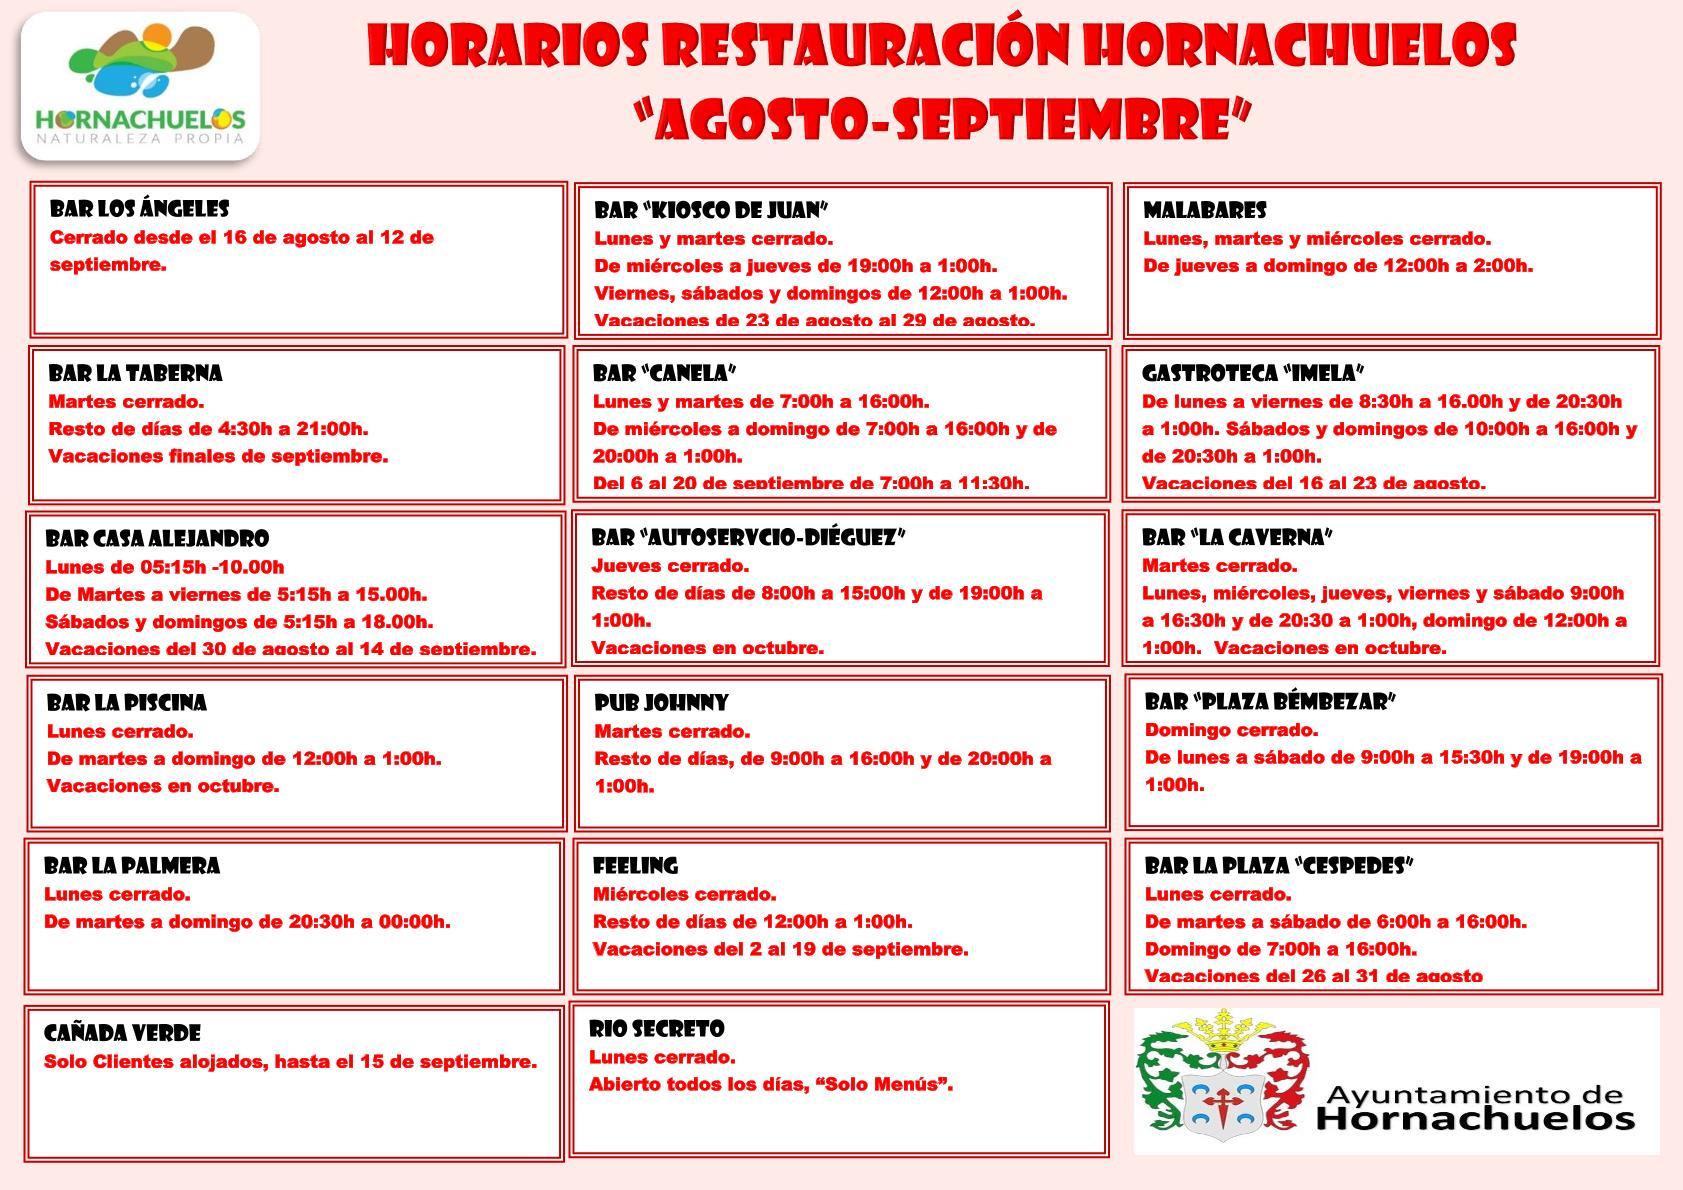 Horarios Restauración Hornachuelos agosto-septiembre